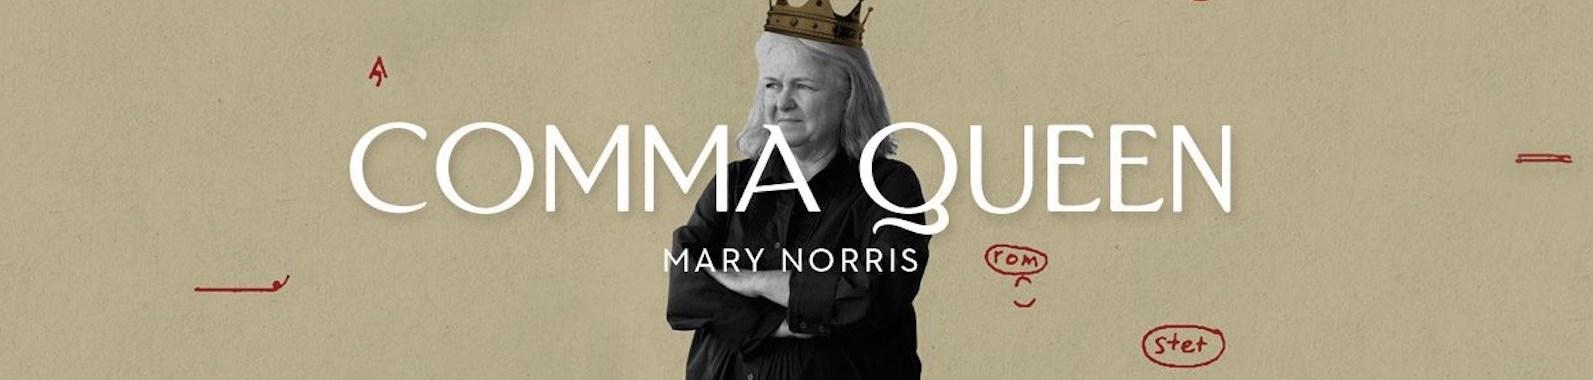 comma-queen-banner